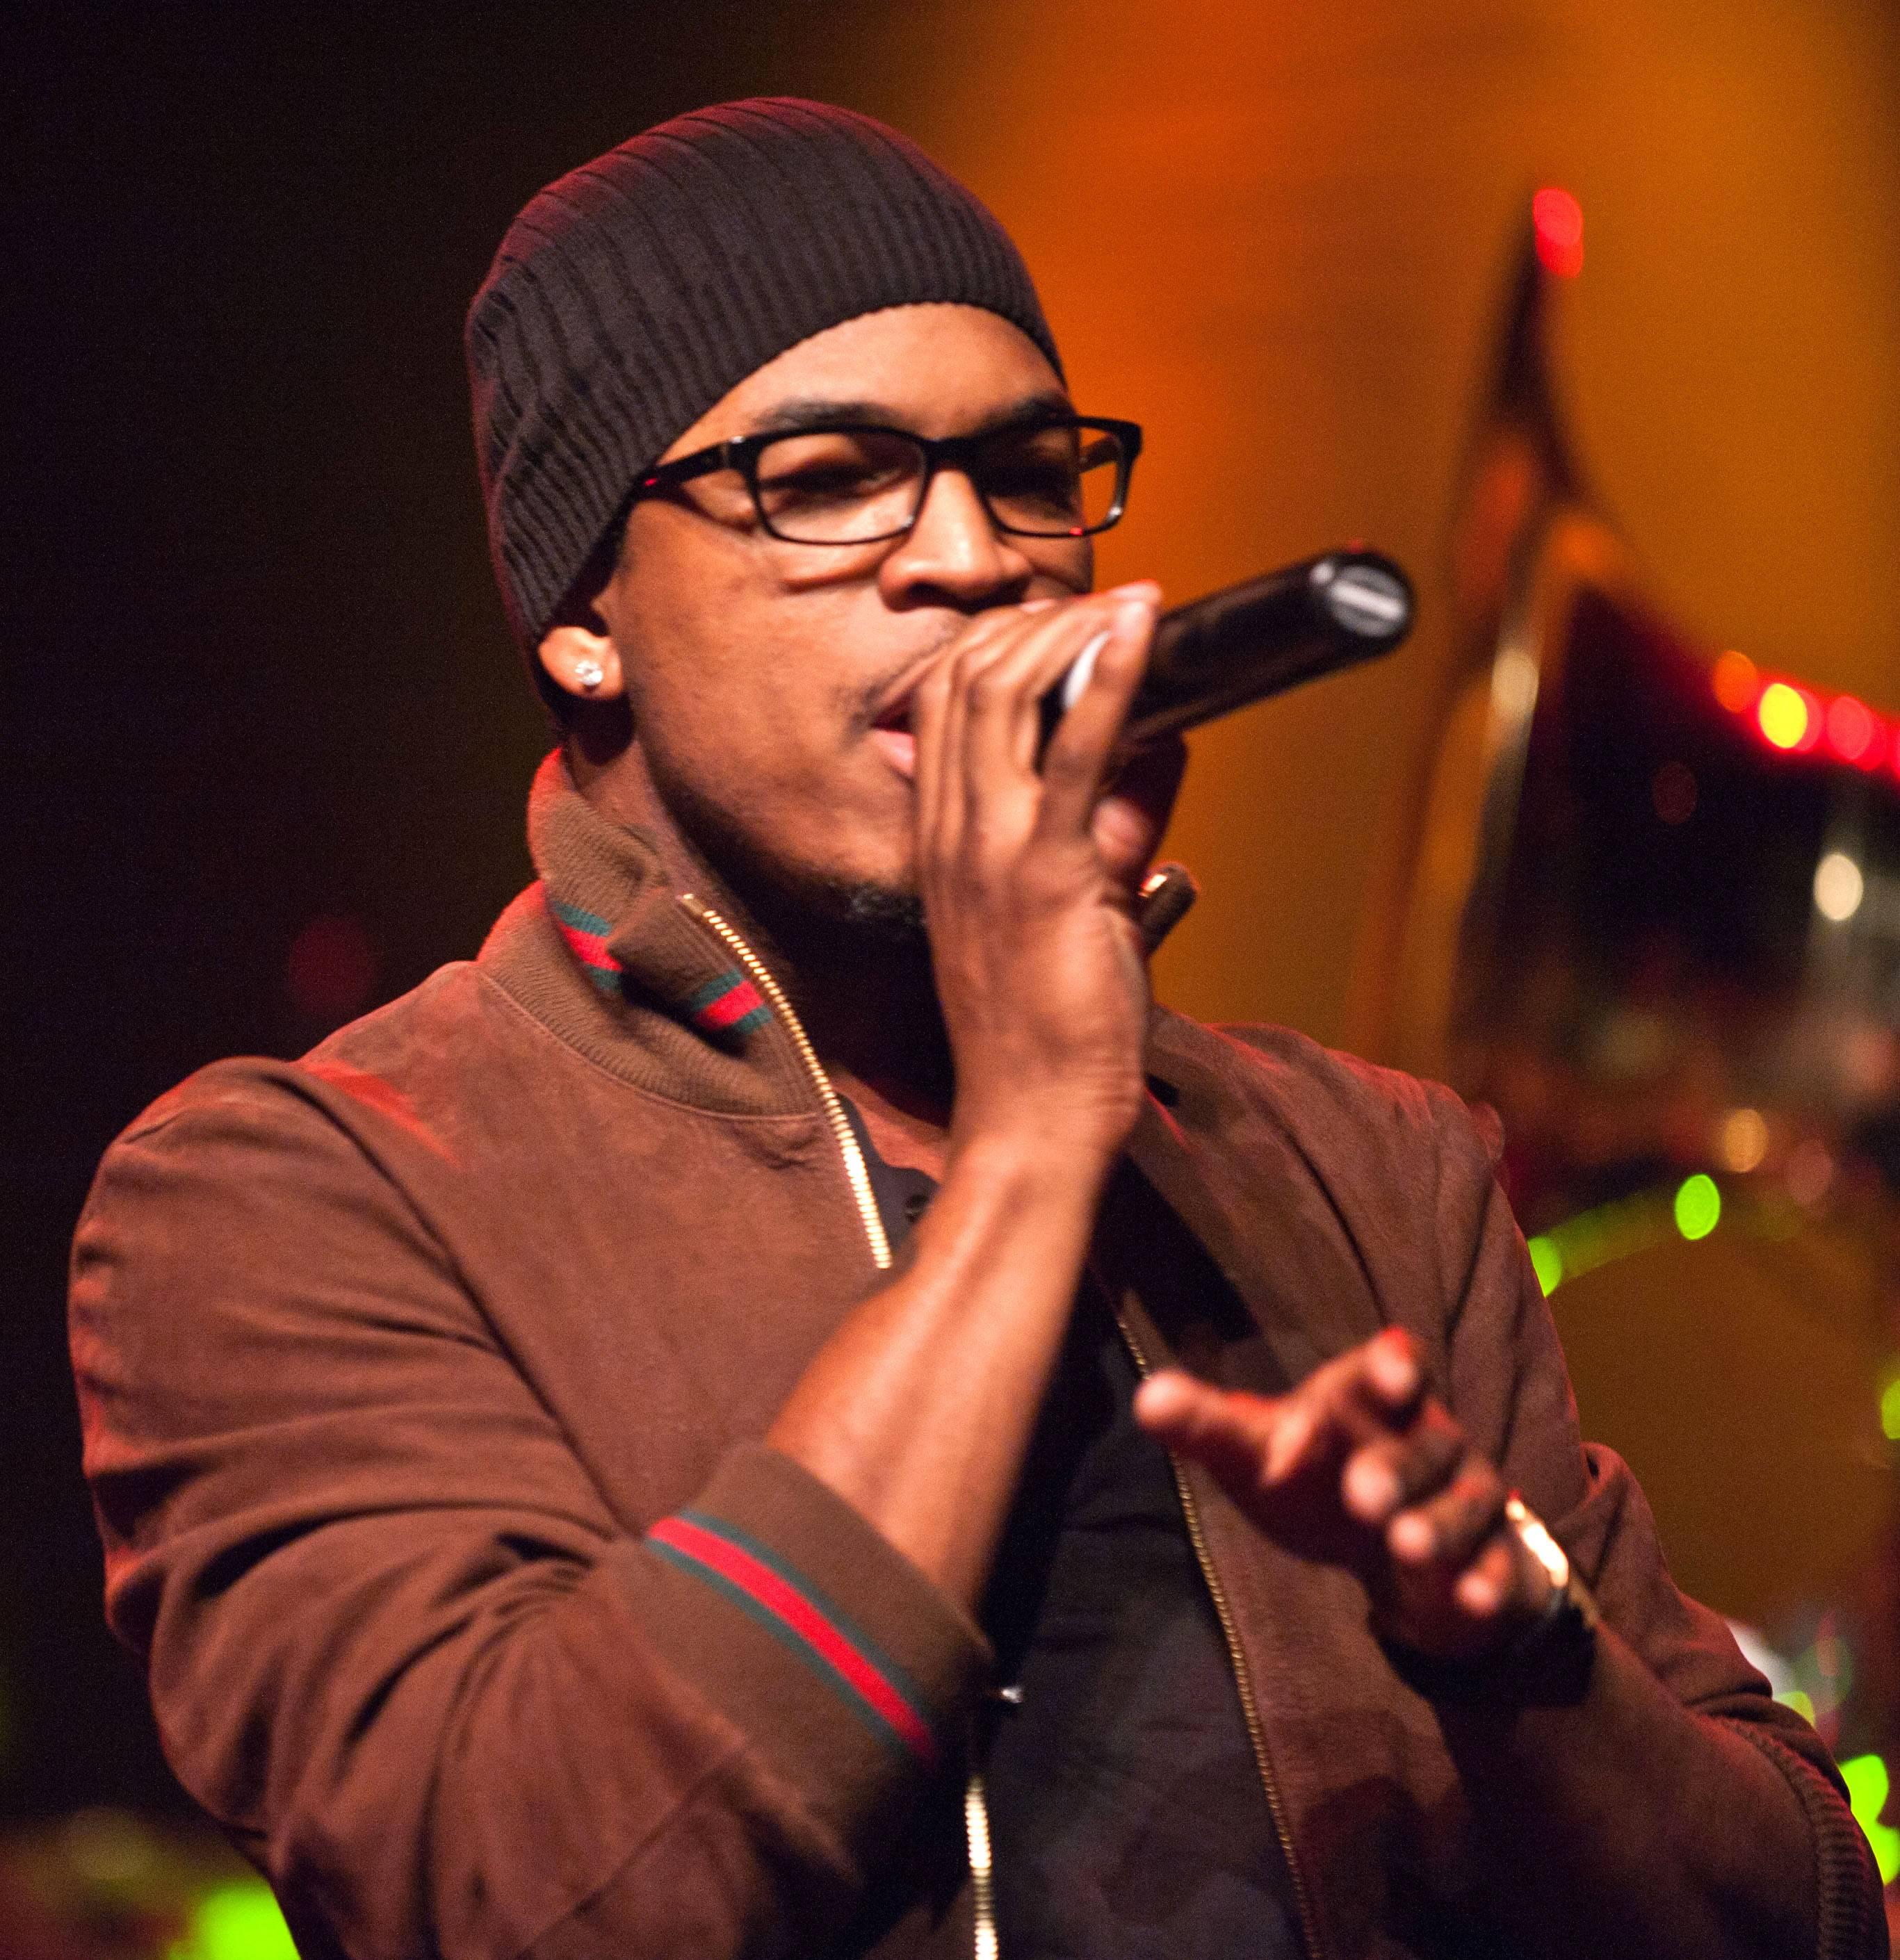 /content/dam/betcom/images/2011/05/Music-5.1-5.15/051011-Music-Neyo-news.jpg